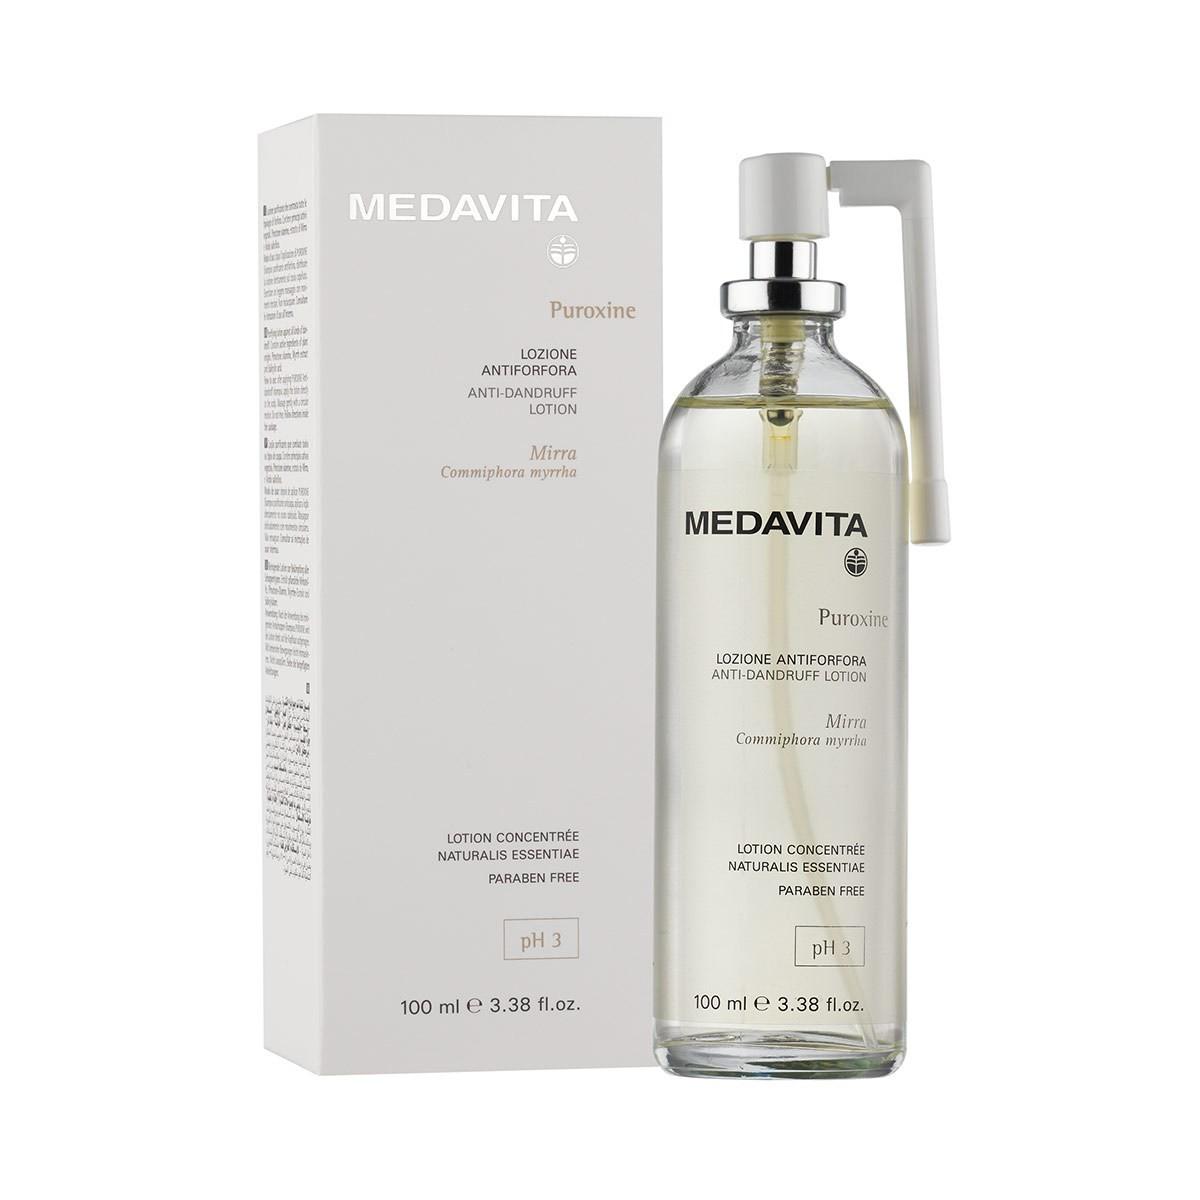 MEDAVITA Puroxine Lozione Antiforfora 100ml - Tonik lotion do włosów przeciwłupieżowy